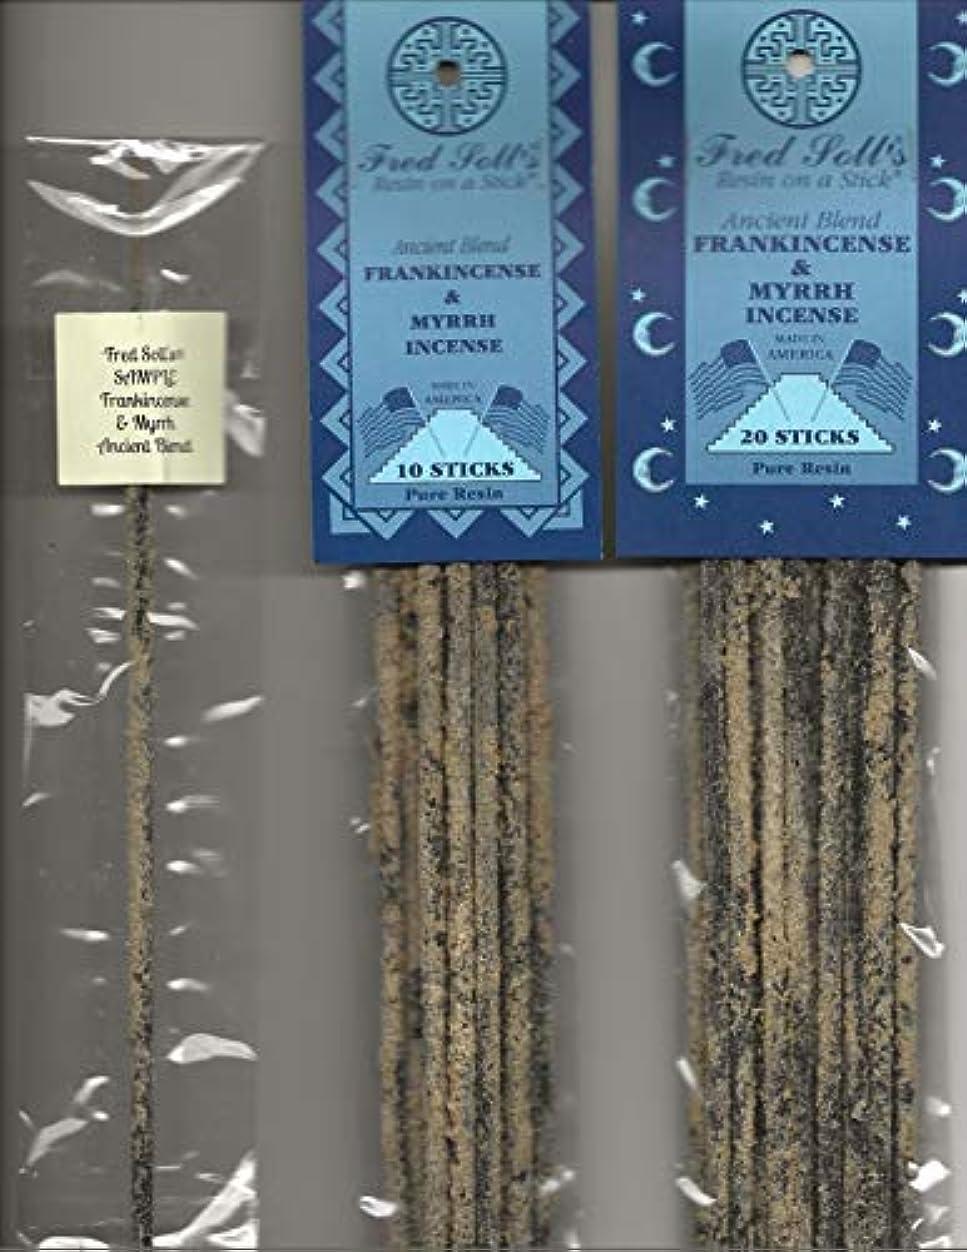 ファックス筋法律によりFRED SOLL'S 樹脂 スティック 乳香&ミルラ 古代のブレンド